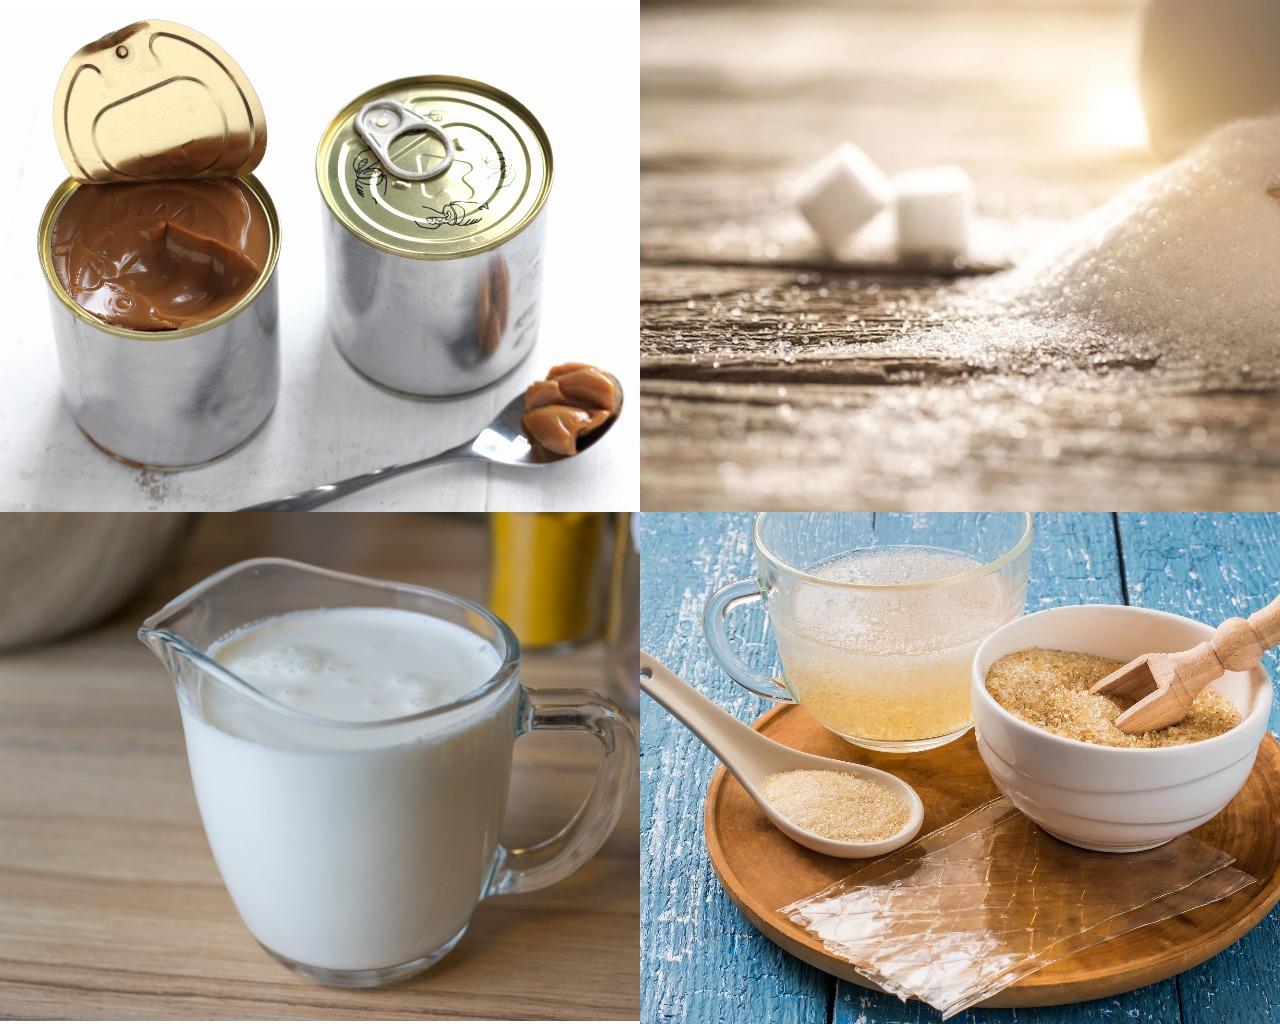 Ингредиенты для карамельной глазури на вареной сгущенке